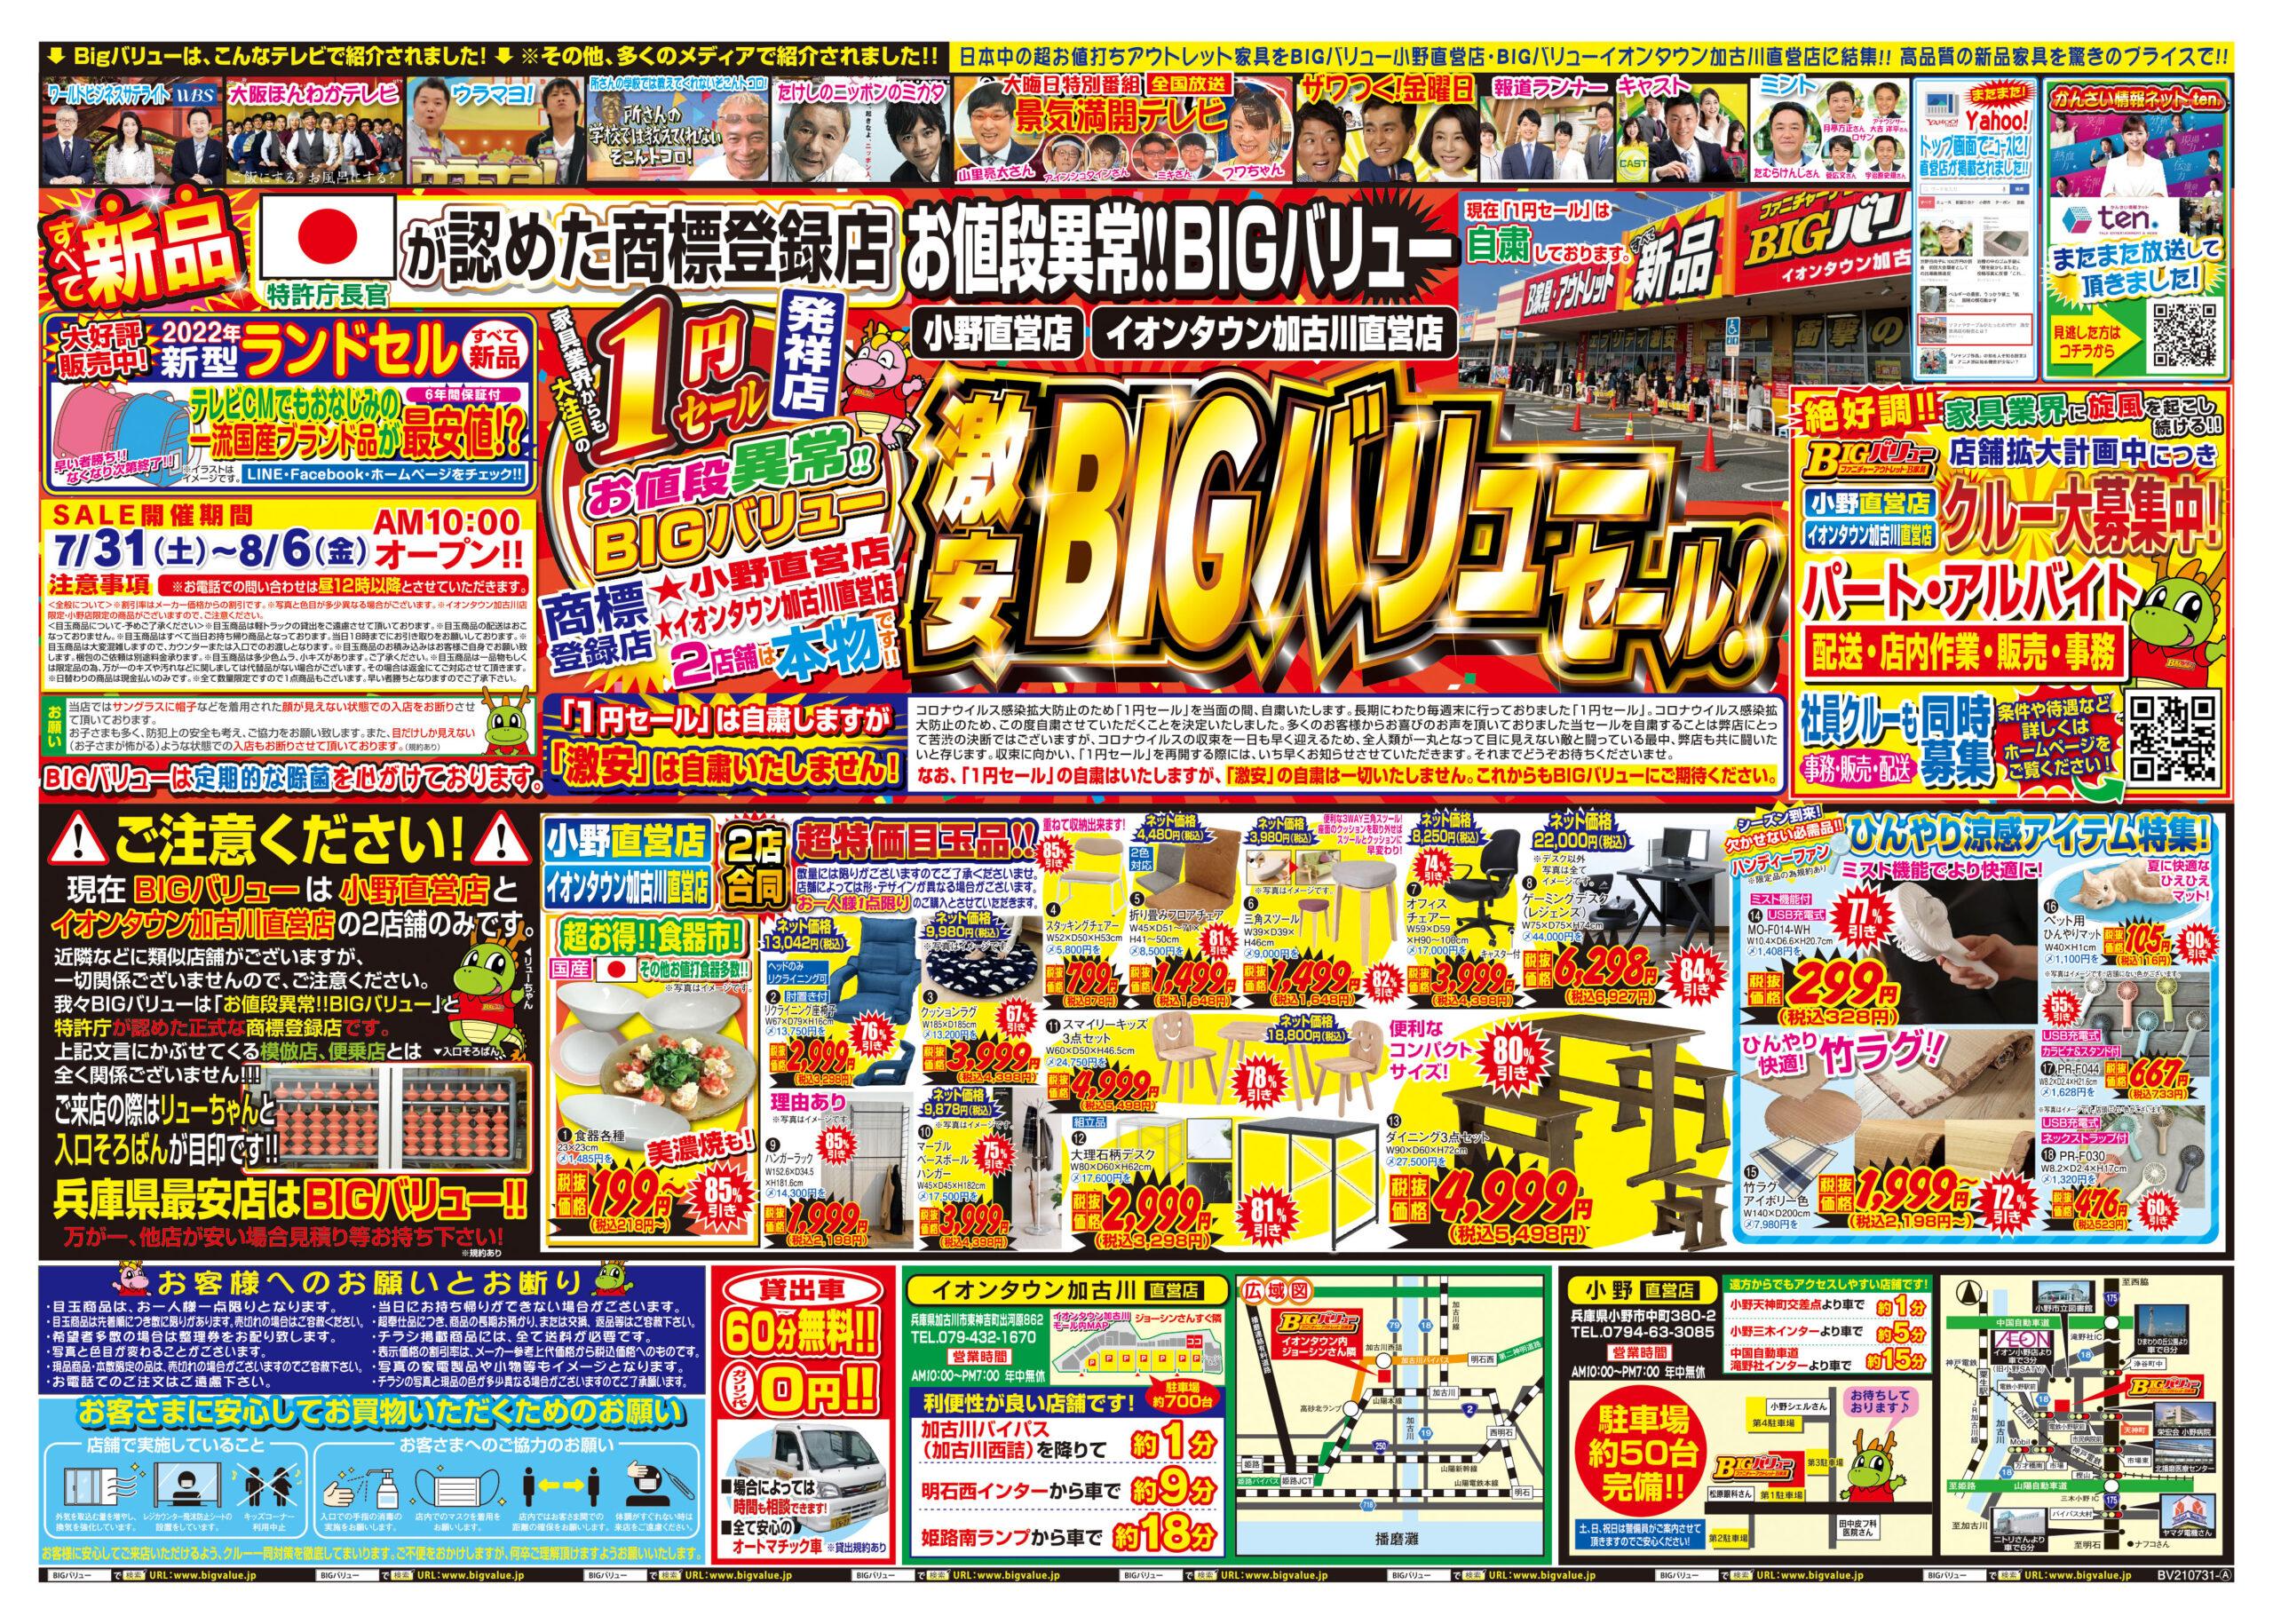 チラシ情報2021年7月31日~8月6日 小野店/イオンタウン加古川店